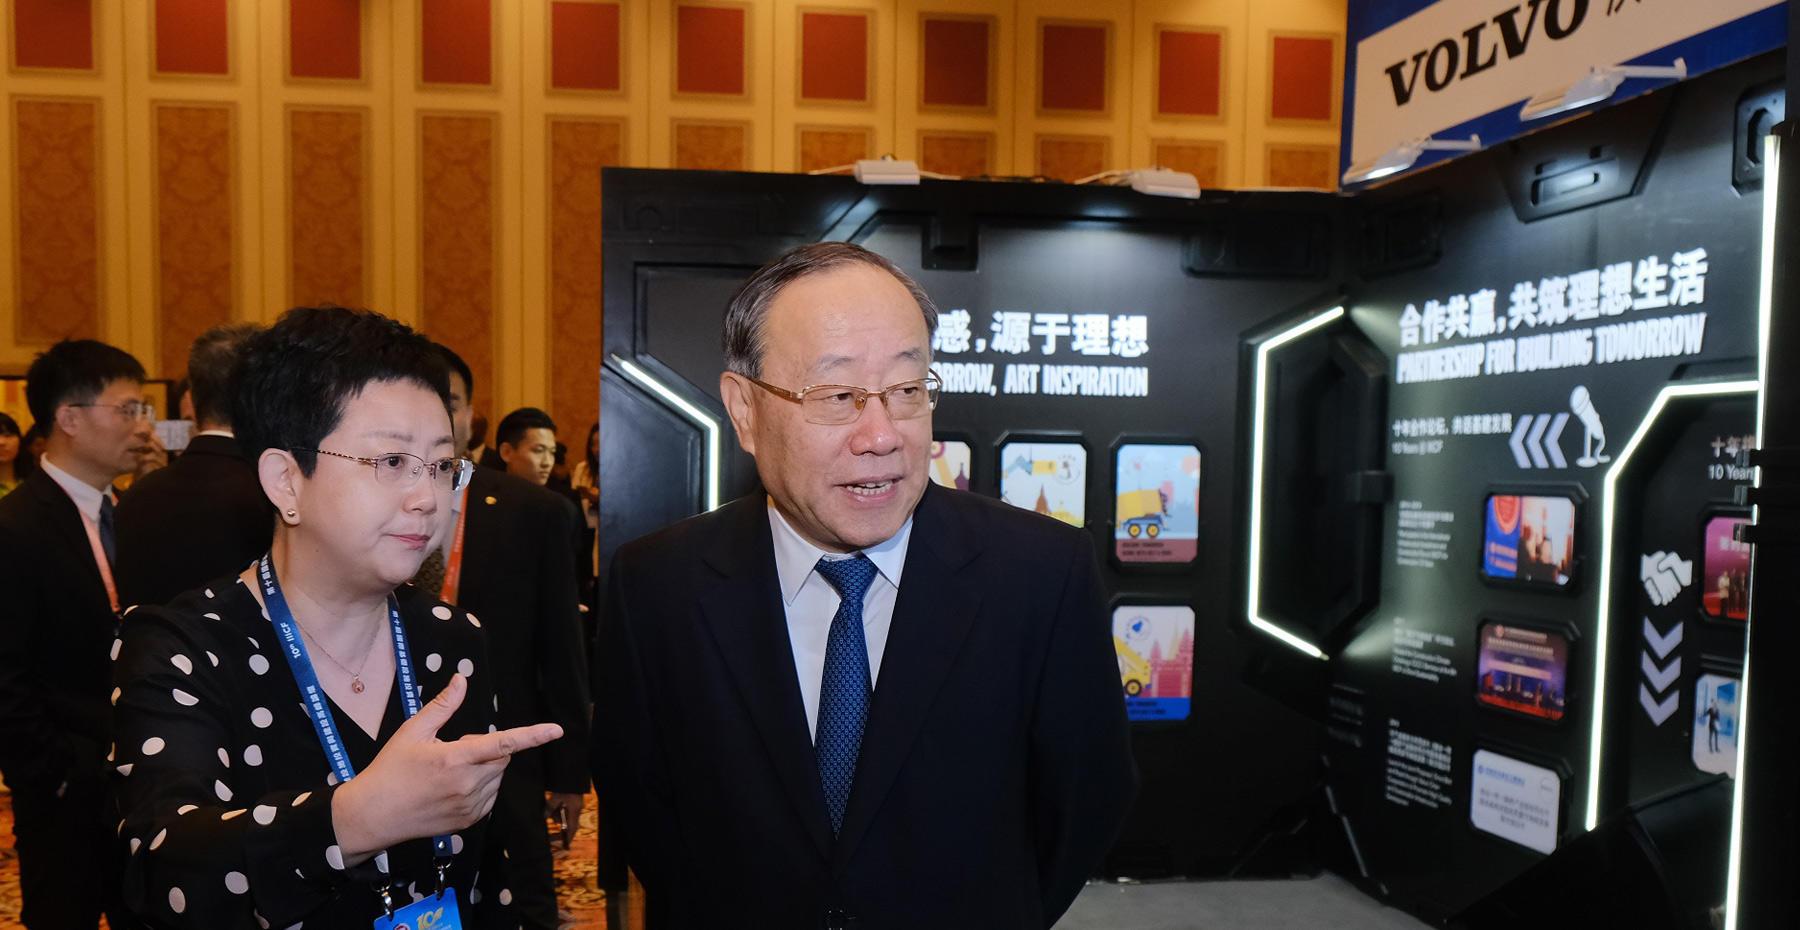 商务部副部长王炳南参观沃尔沃展位